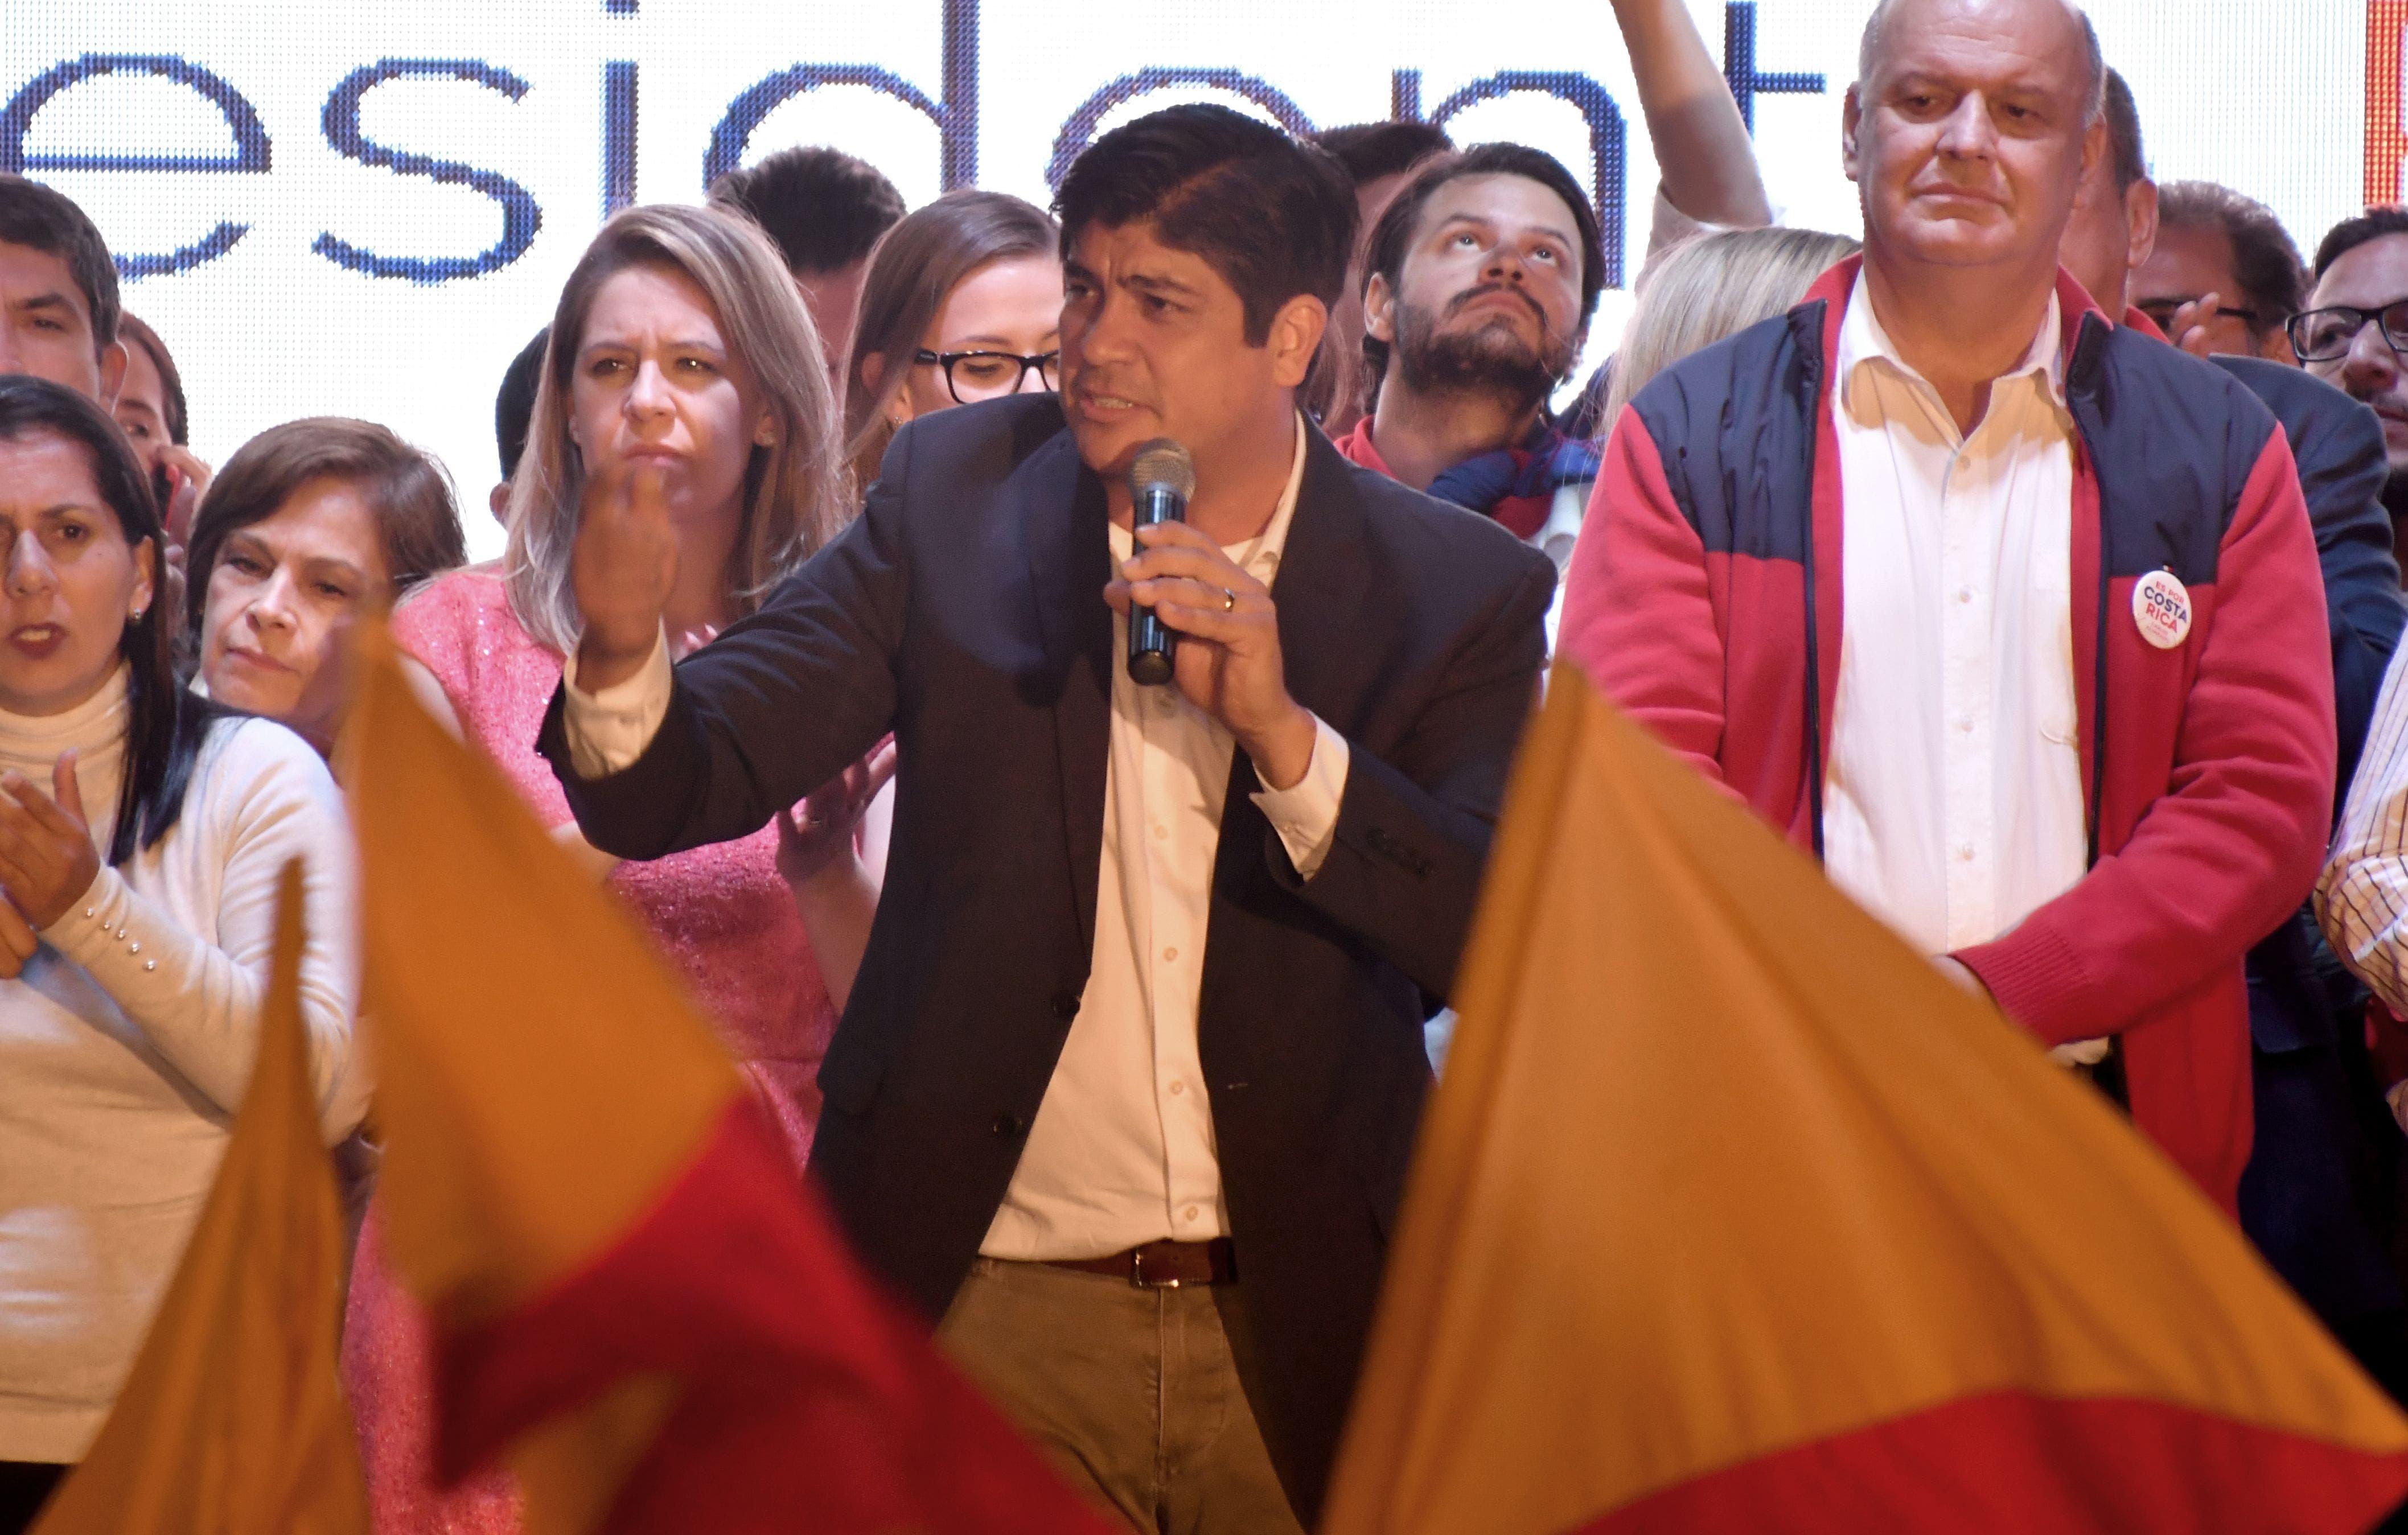 El candidato presidencial del gobernante Partido Acción Ciudadana (PAC) de Costa Rica, Carlos Alvarado, celebra la victoria con simpatizantes en San José el 1 de abril de 2018. AFP